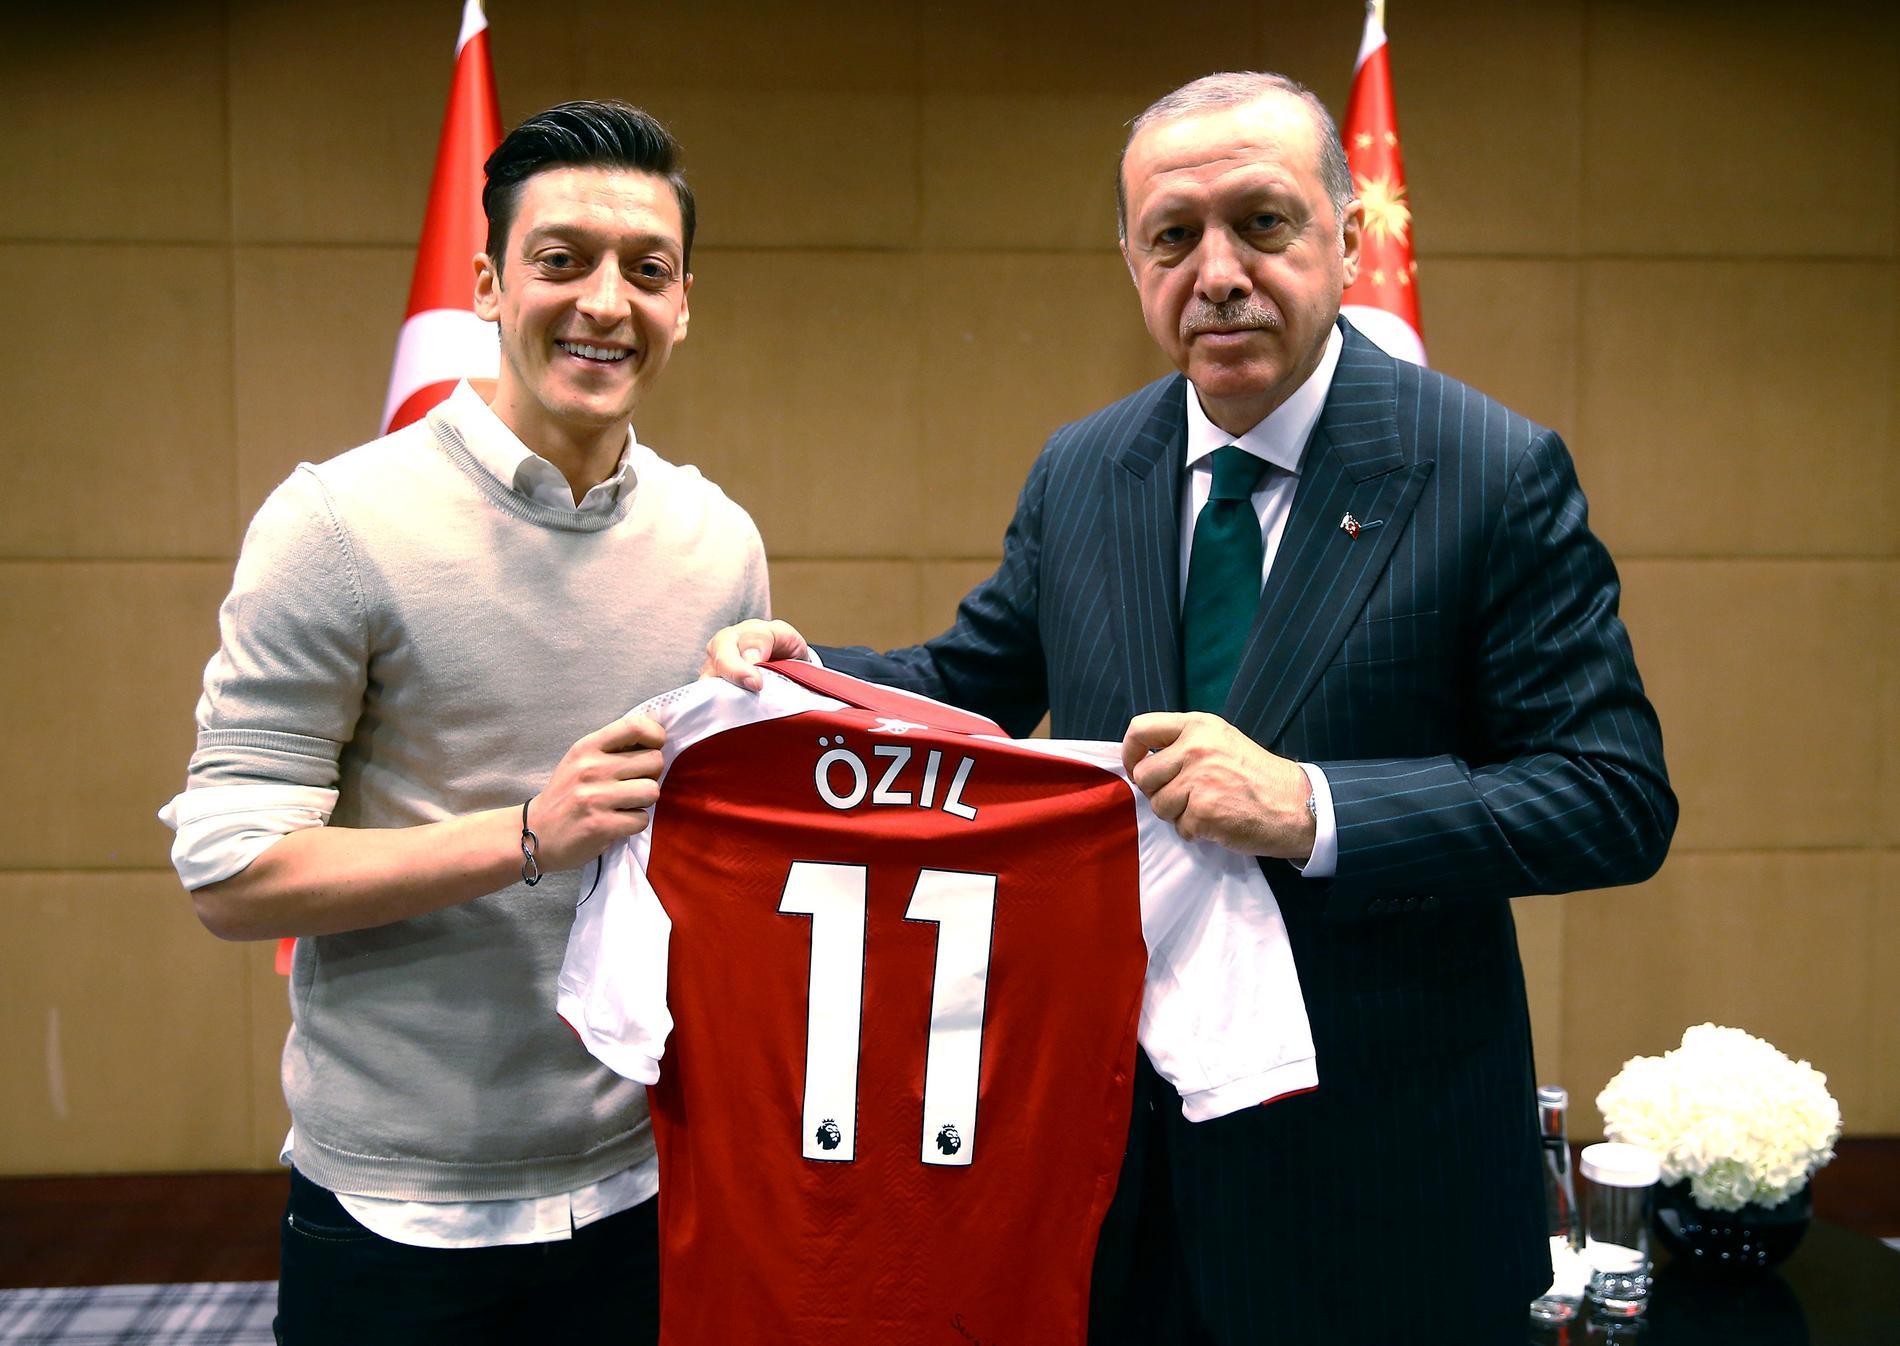 Bilden på Özil och Erdogan blev en stor snackis.